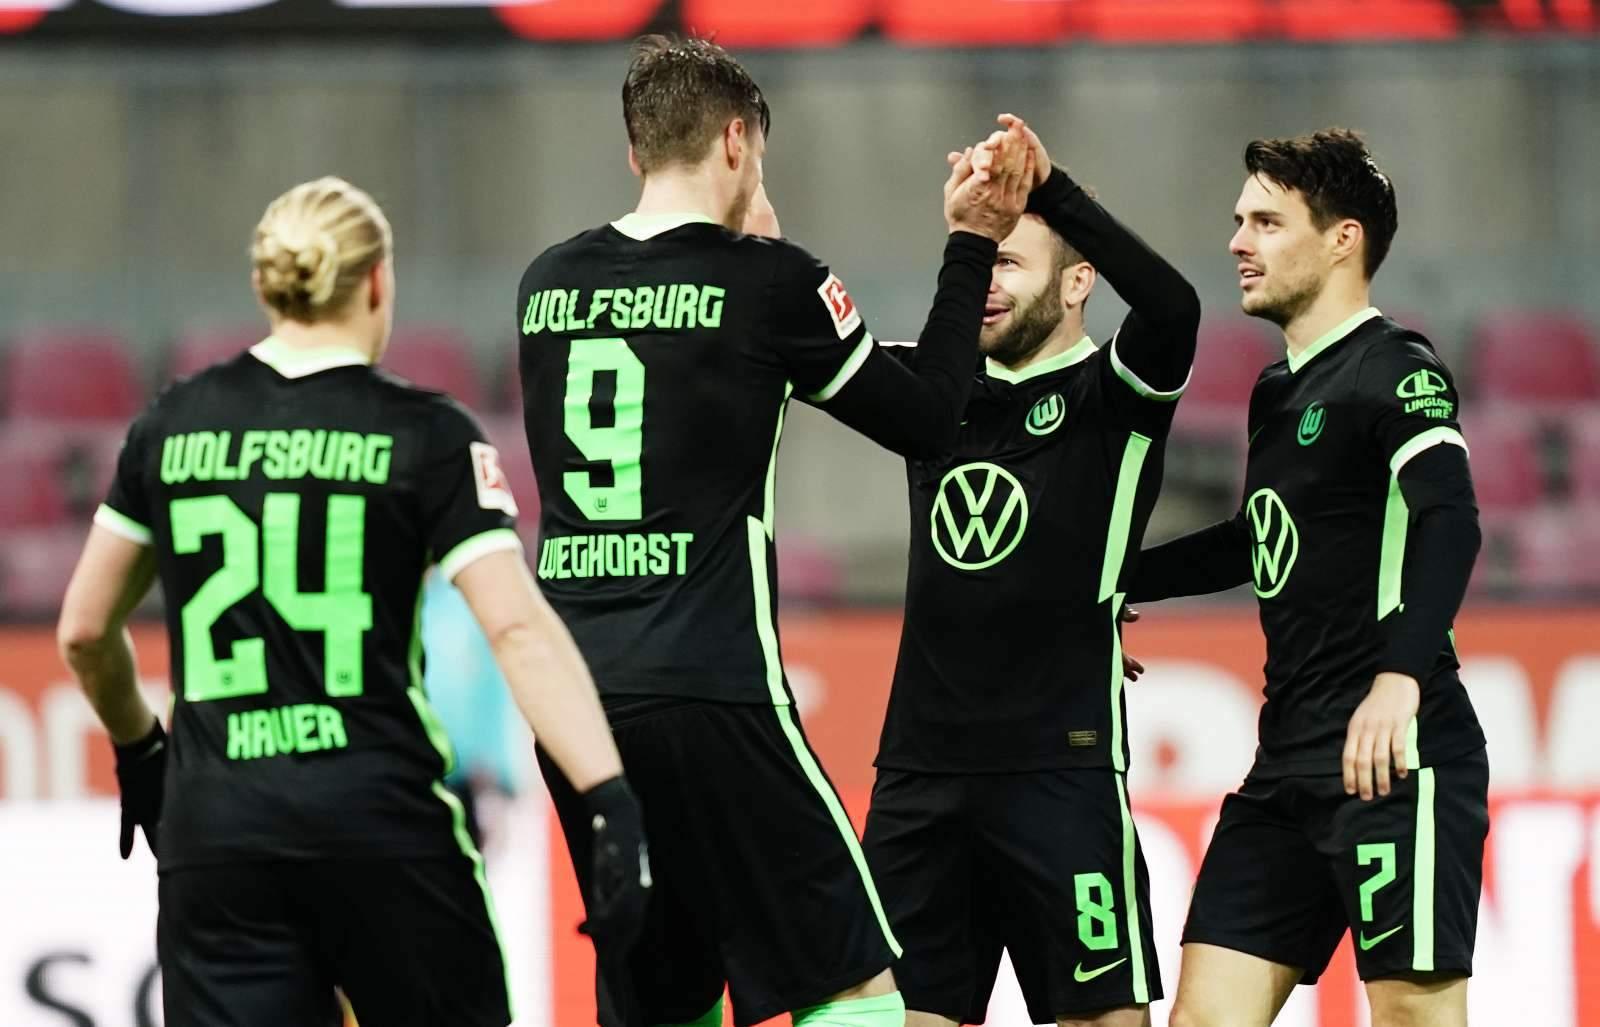 «Вольфсбург» окончательно исключен из Кубка Германии – апелляция была отклонена футбольным союзом